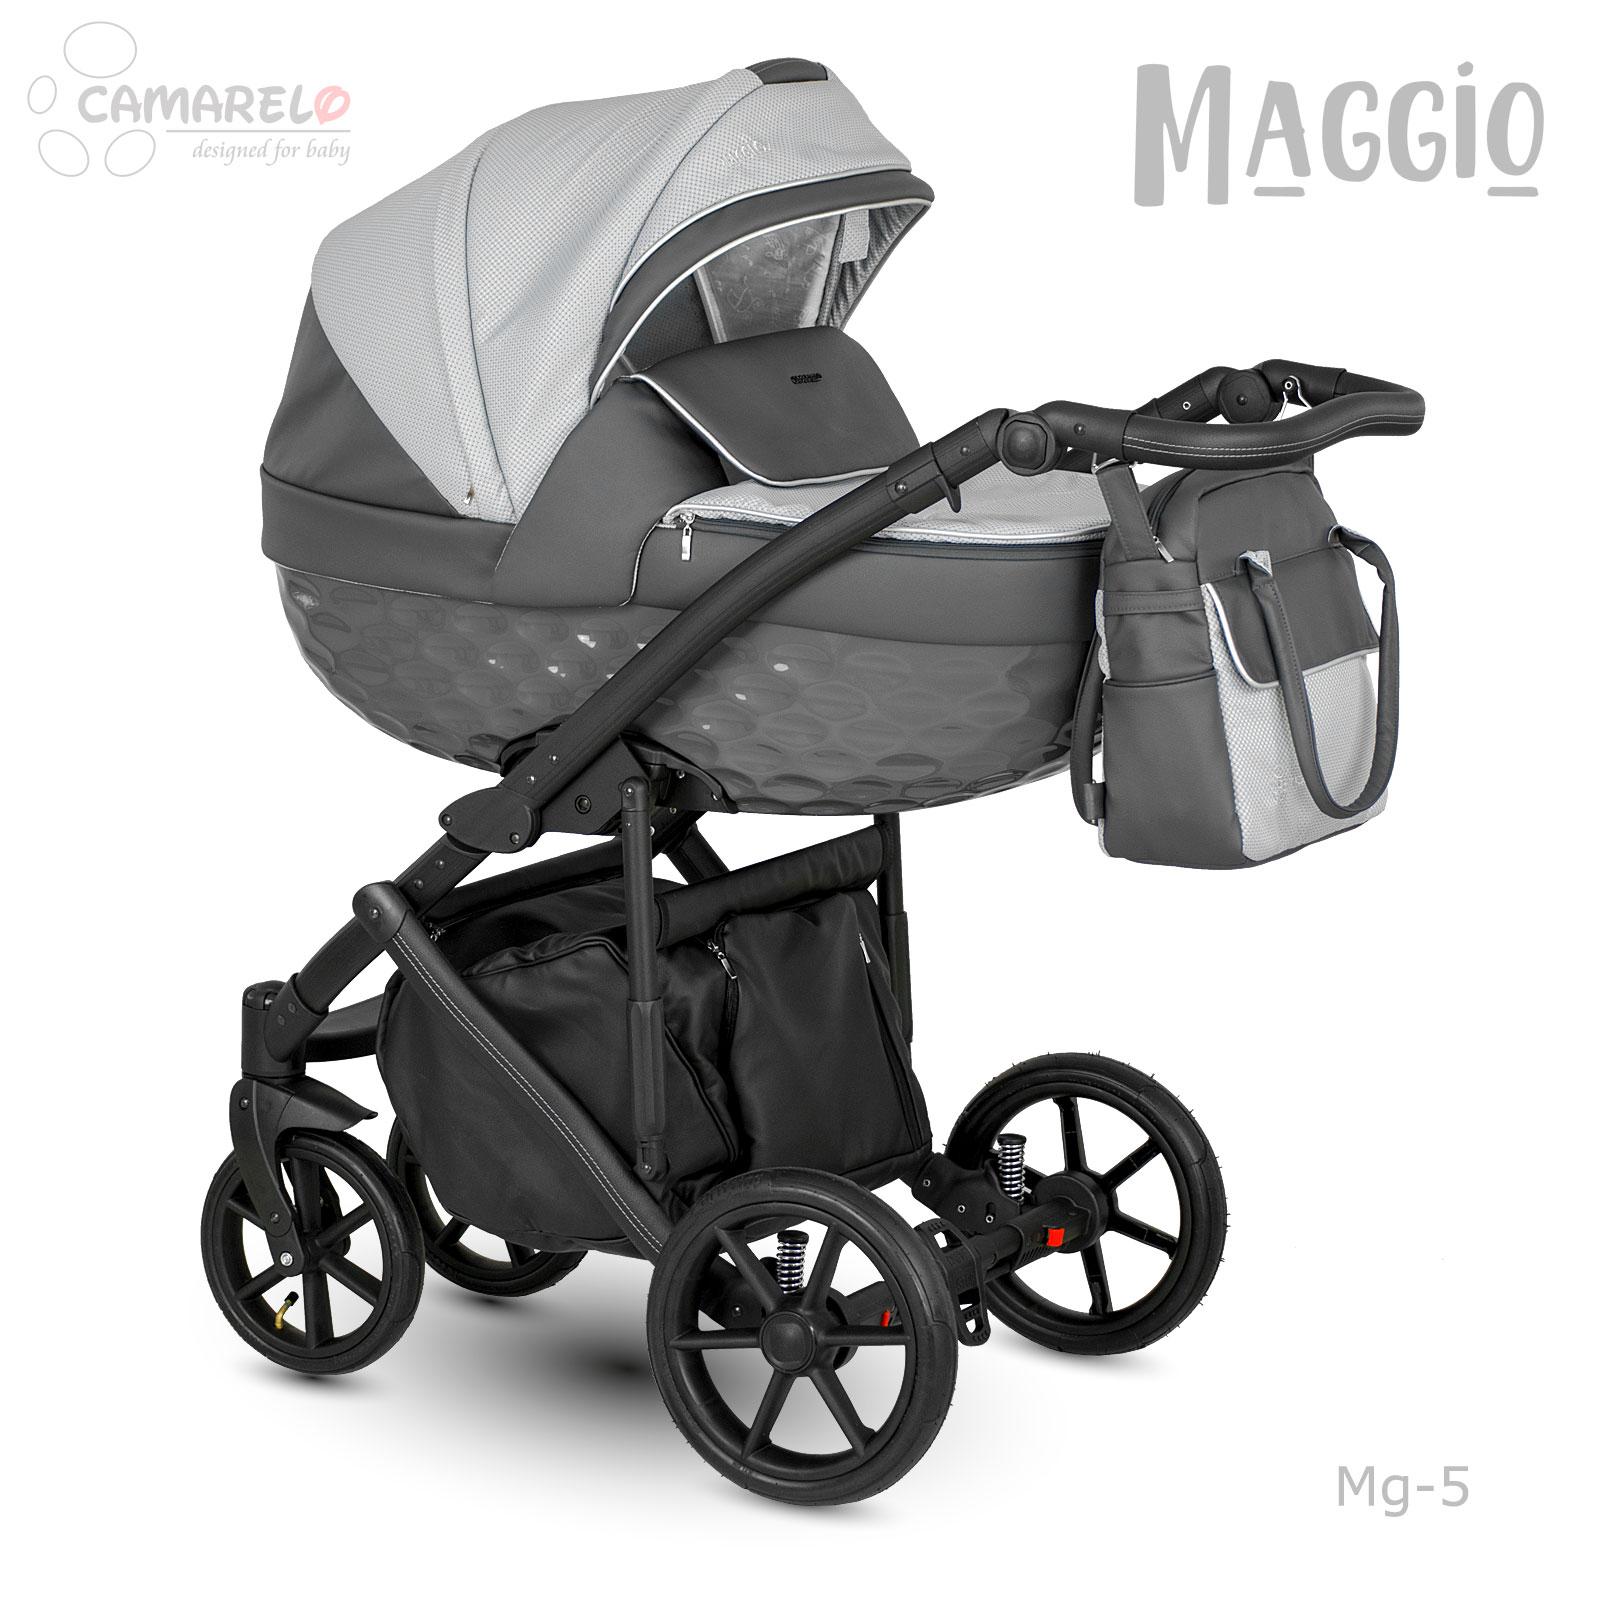 Maggio-Mg-05a